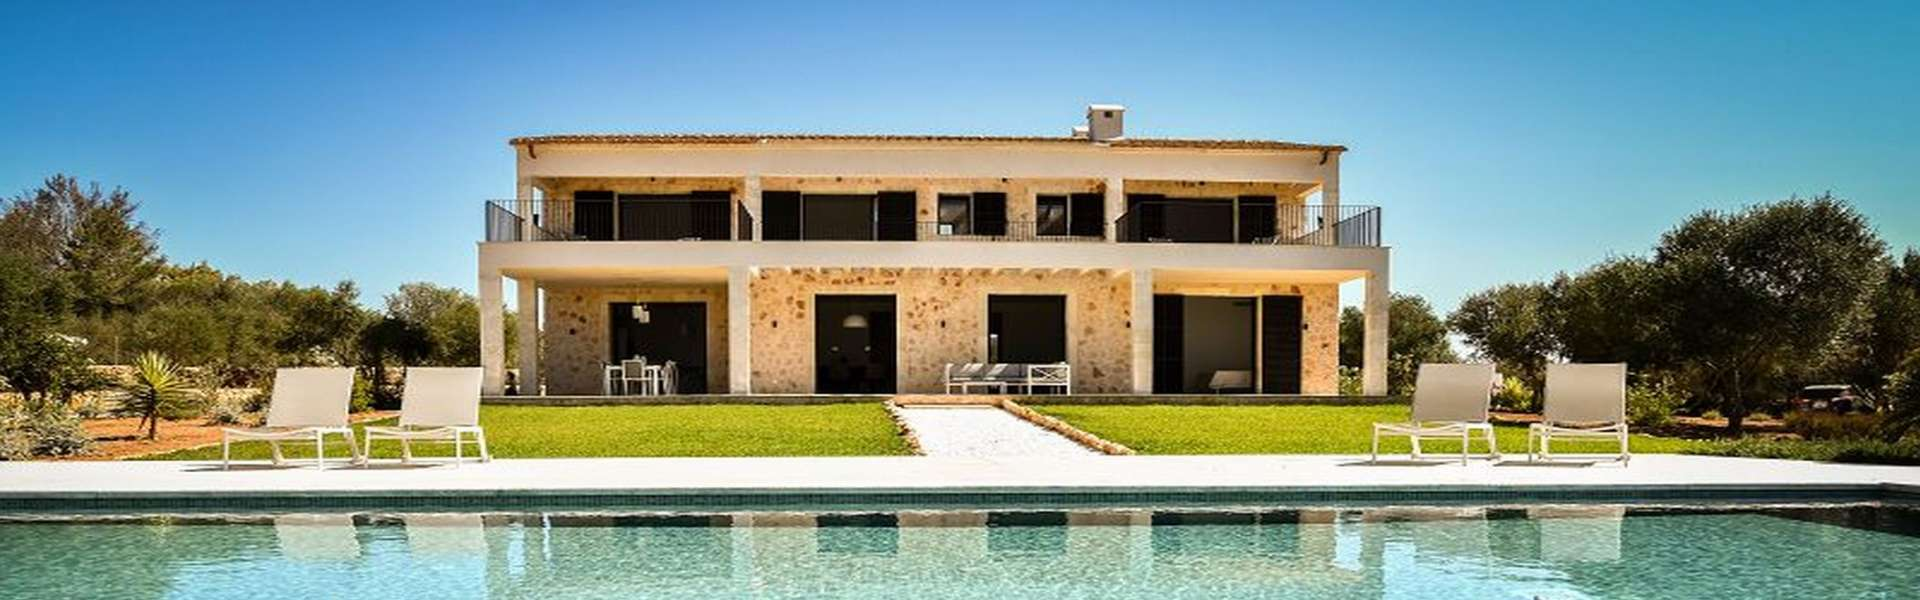 Ses Salines - Moderne Finca mit traumhaften Blick auf die Insel Cabrera